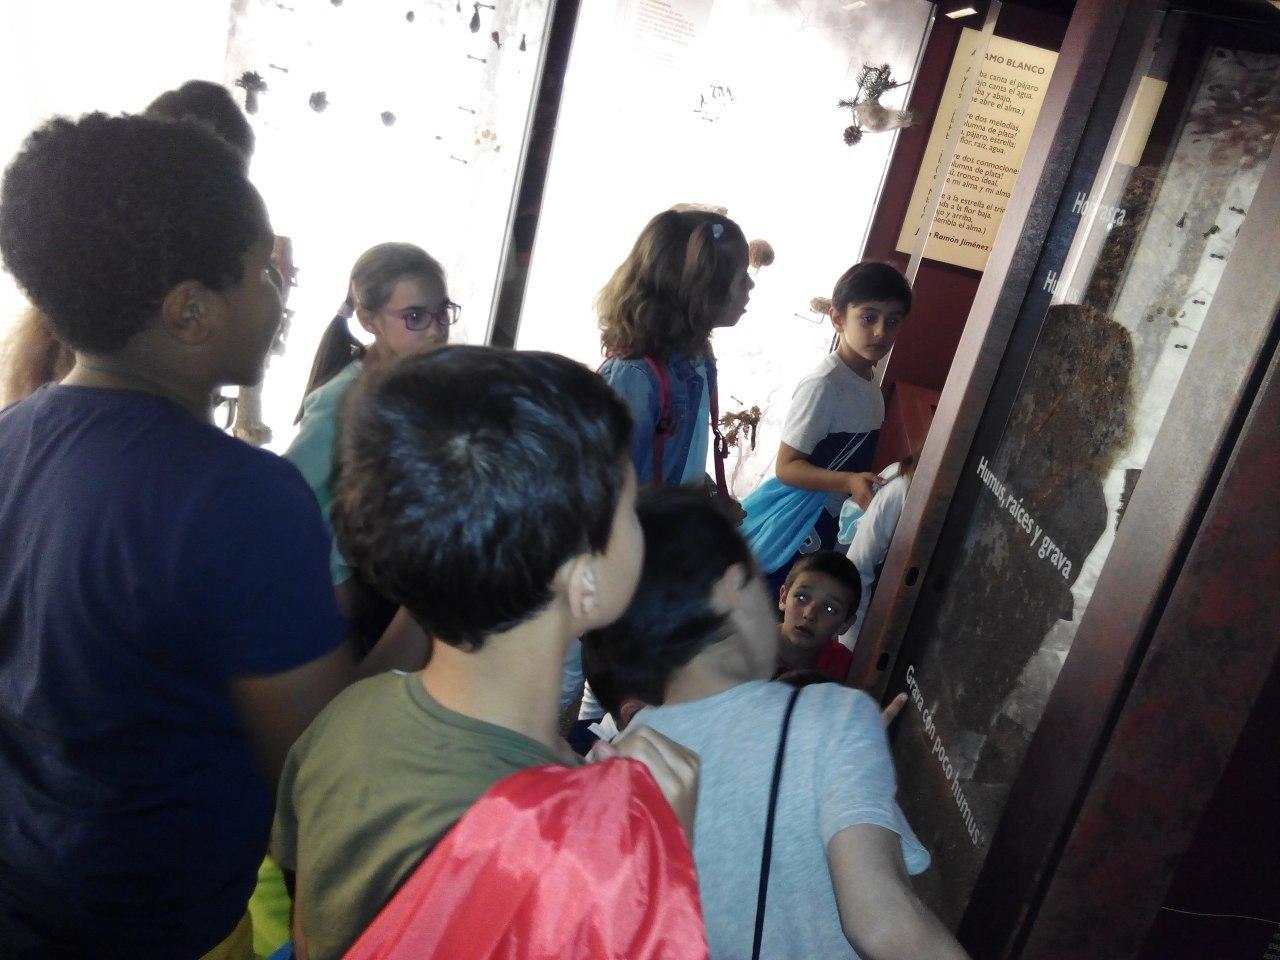 Visita a la exposición El Bosque. 1º 2º Primaria. CEIP Pinocho. 2016/17 4